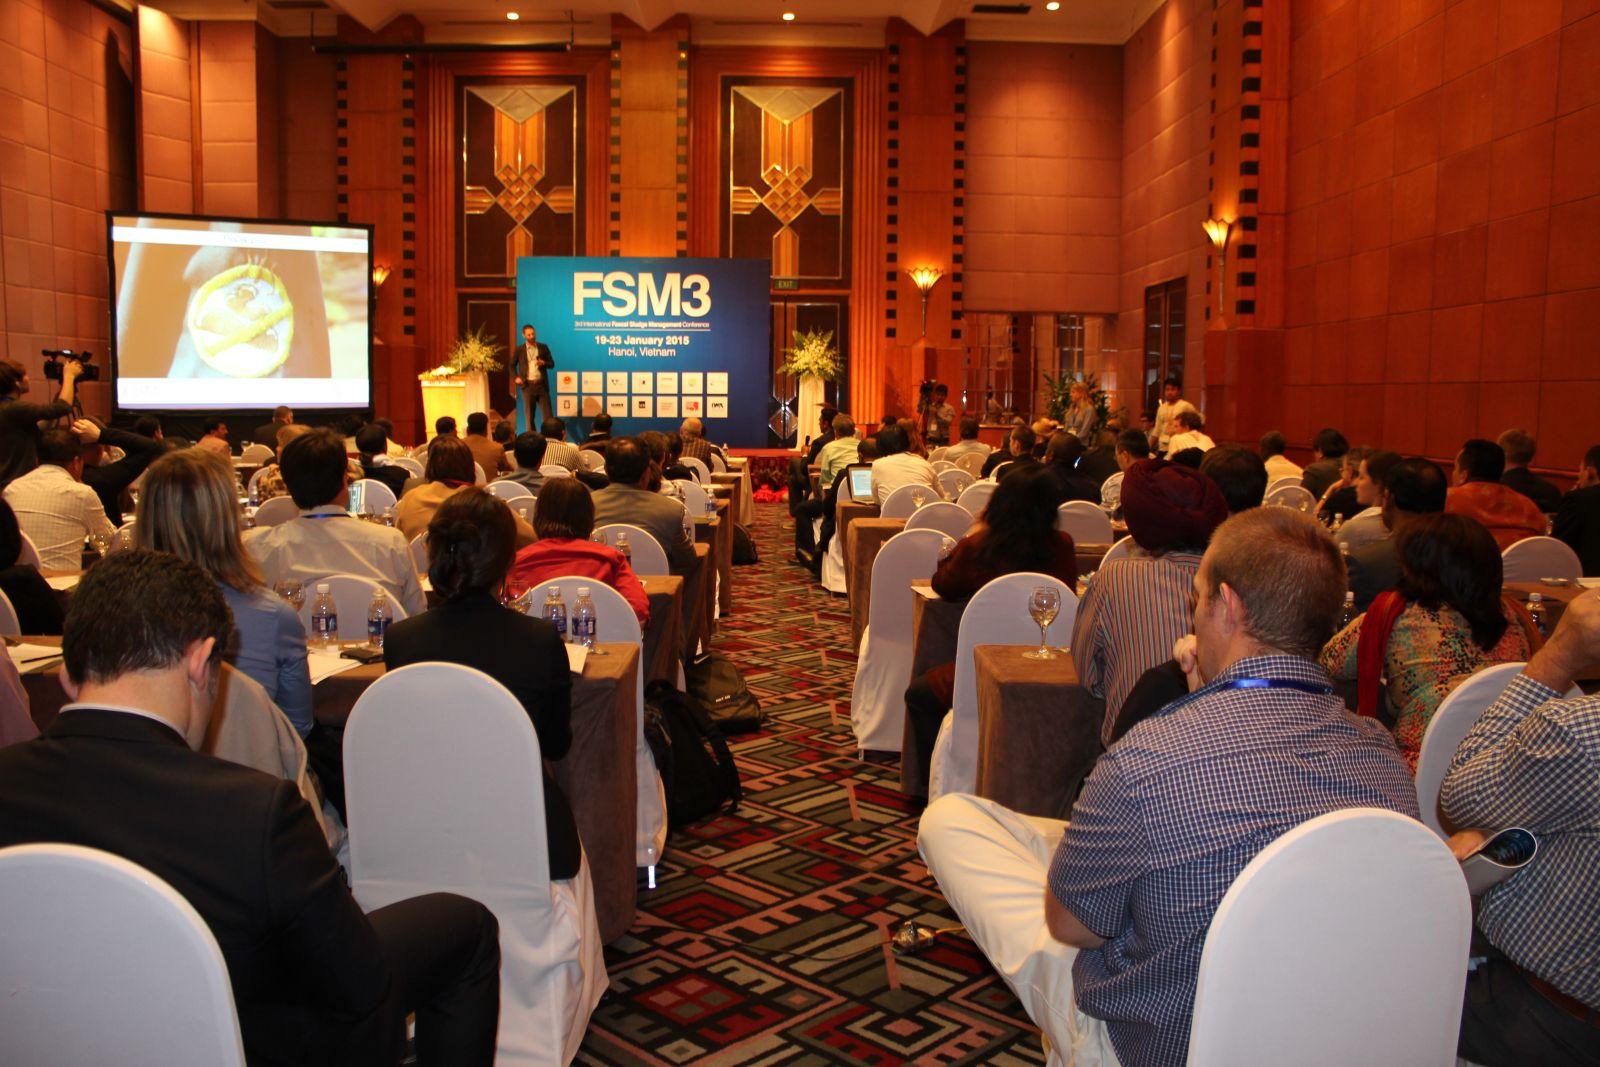 Hội nghị Quốc tế FSM3 (19-23.1.2015)